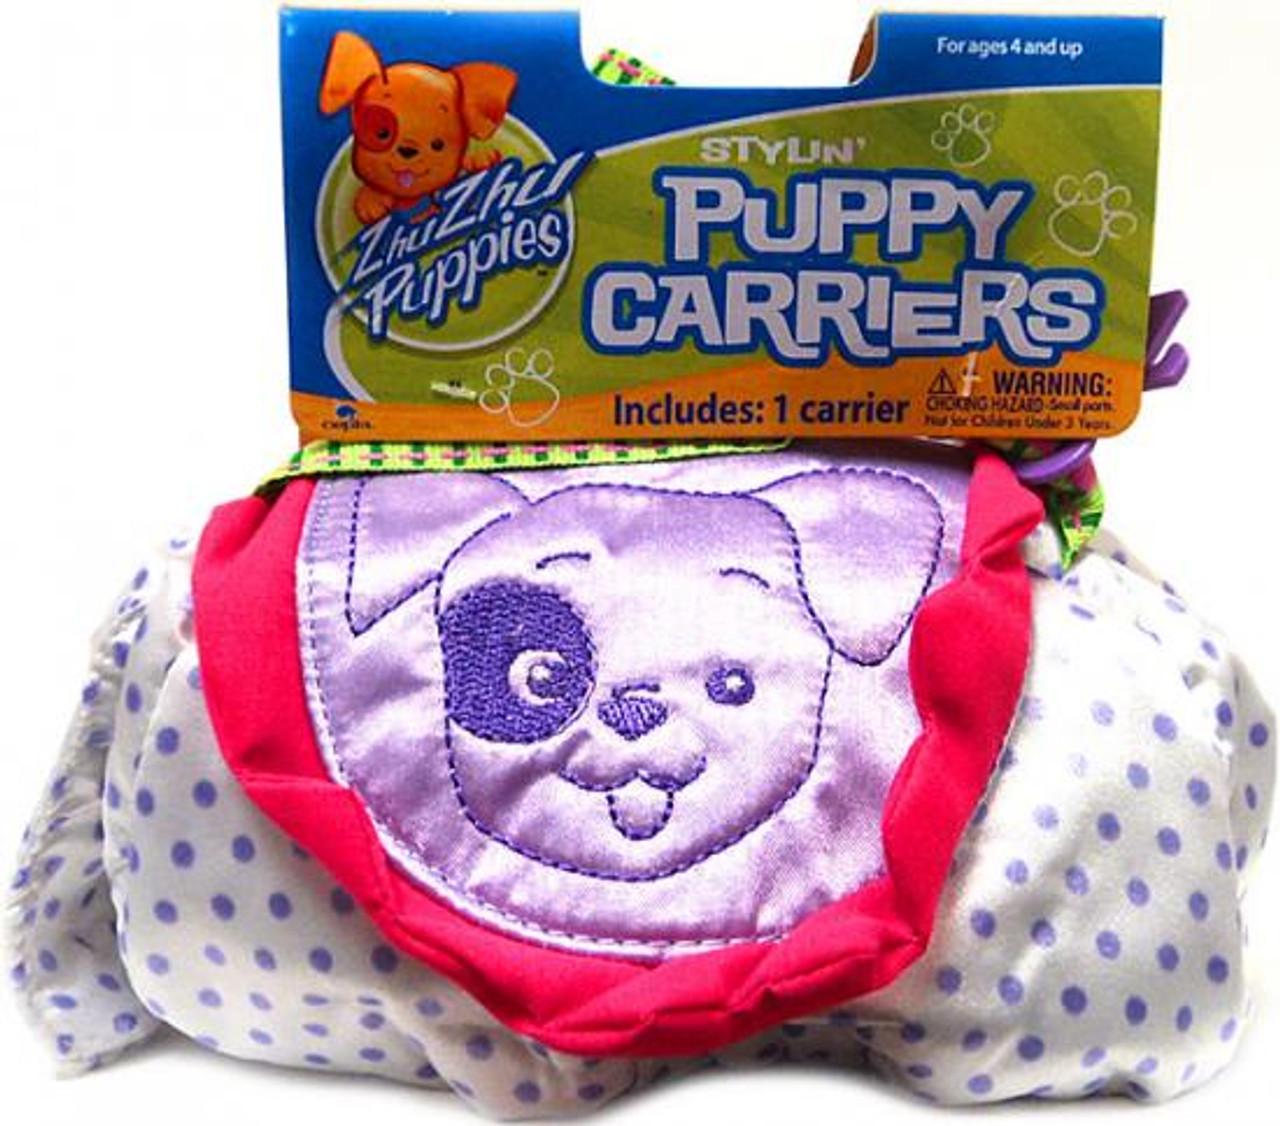 Zhu Zhu Pets Zhu Zhu Puppies Puppy Carriers Stylin' Puppy Carrier Accessory [Purple]